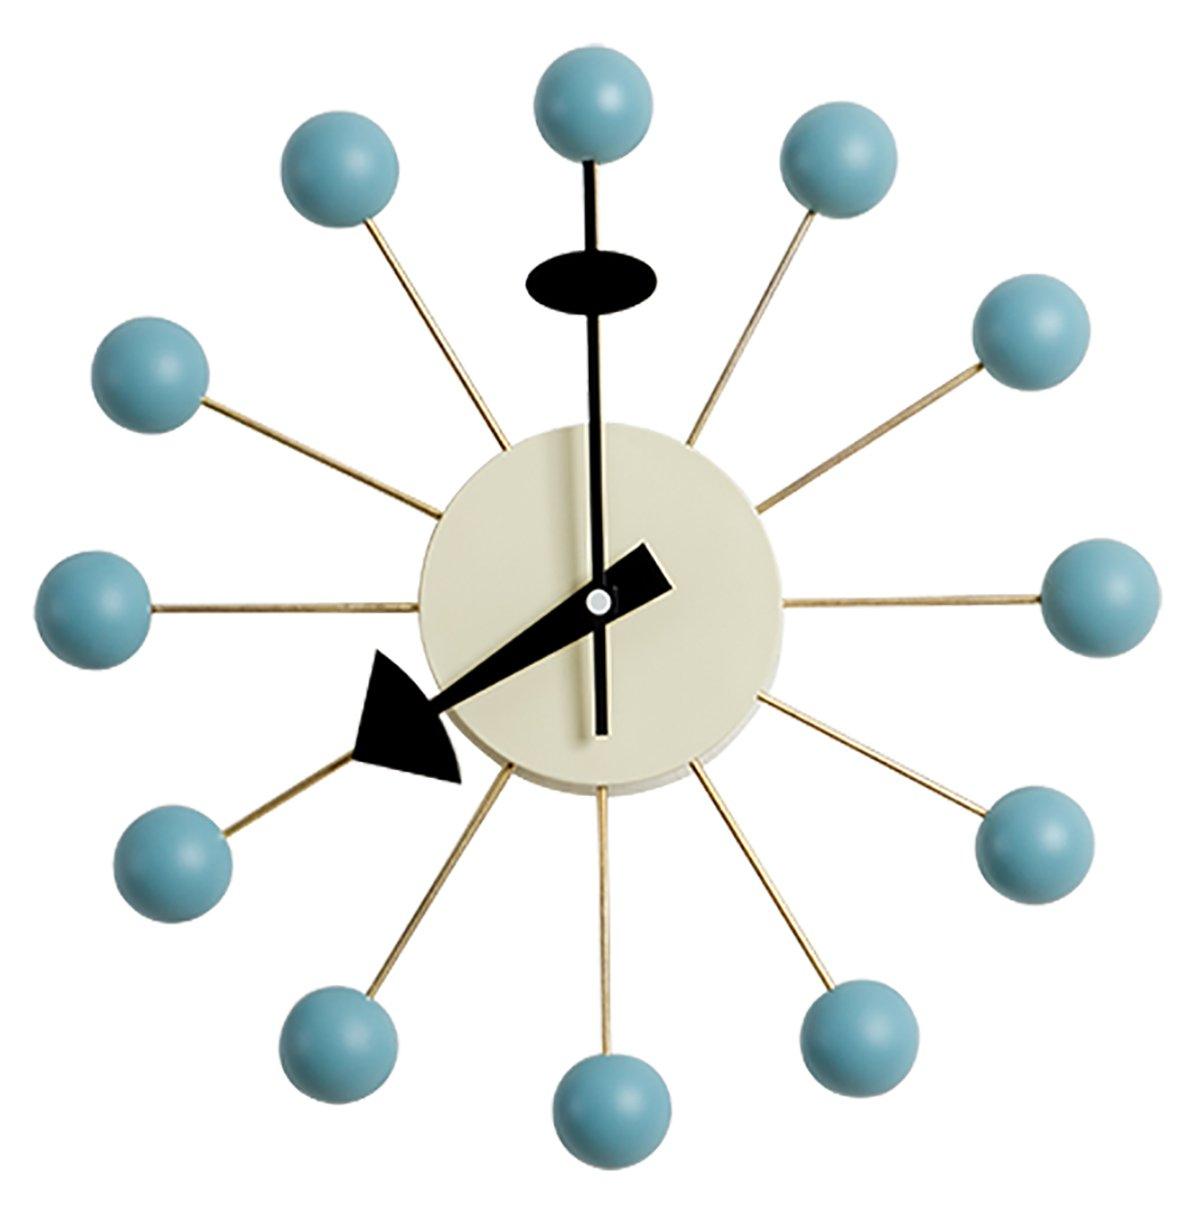 MLF®ジョージ ネルソン ボールクロック 浅葱色 B01EYD9TN2 浅葱色 ボールクロック 浅葱色 ボールクロック